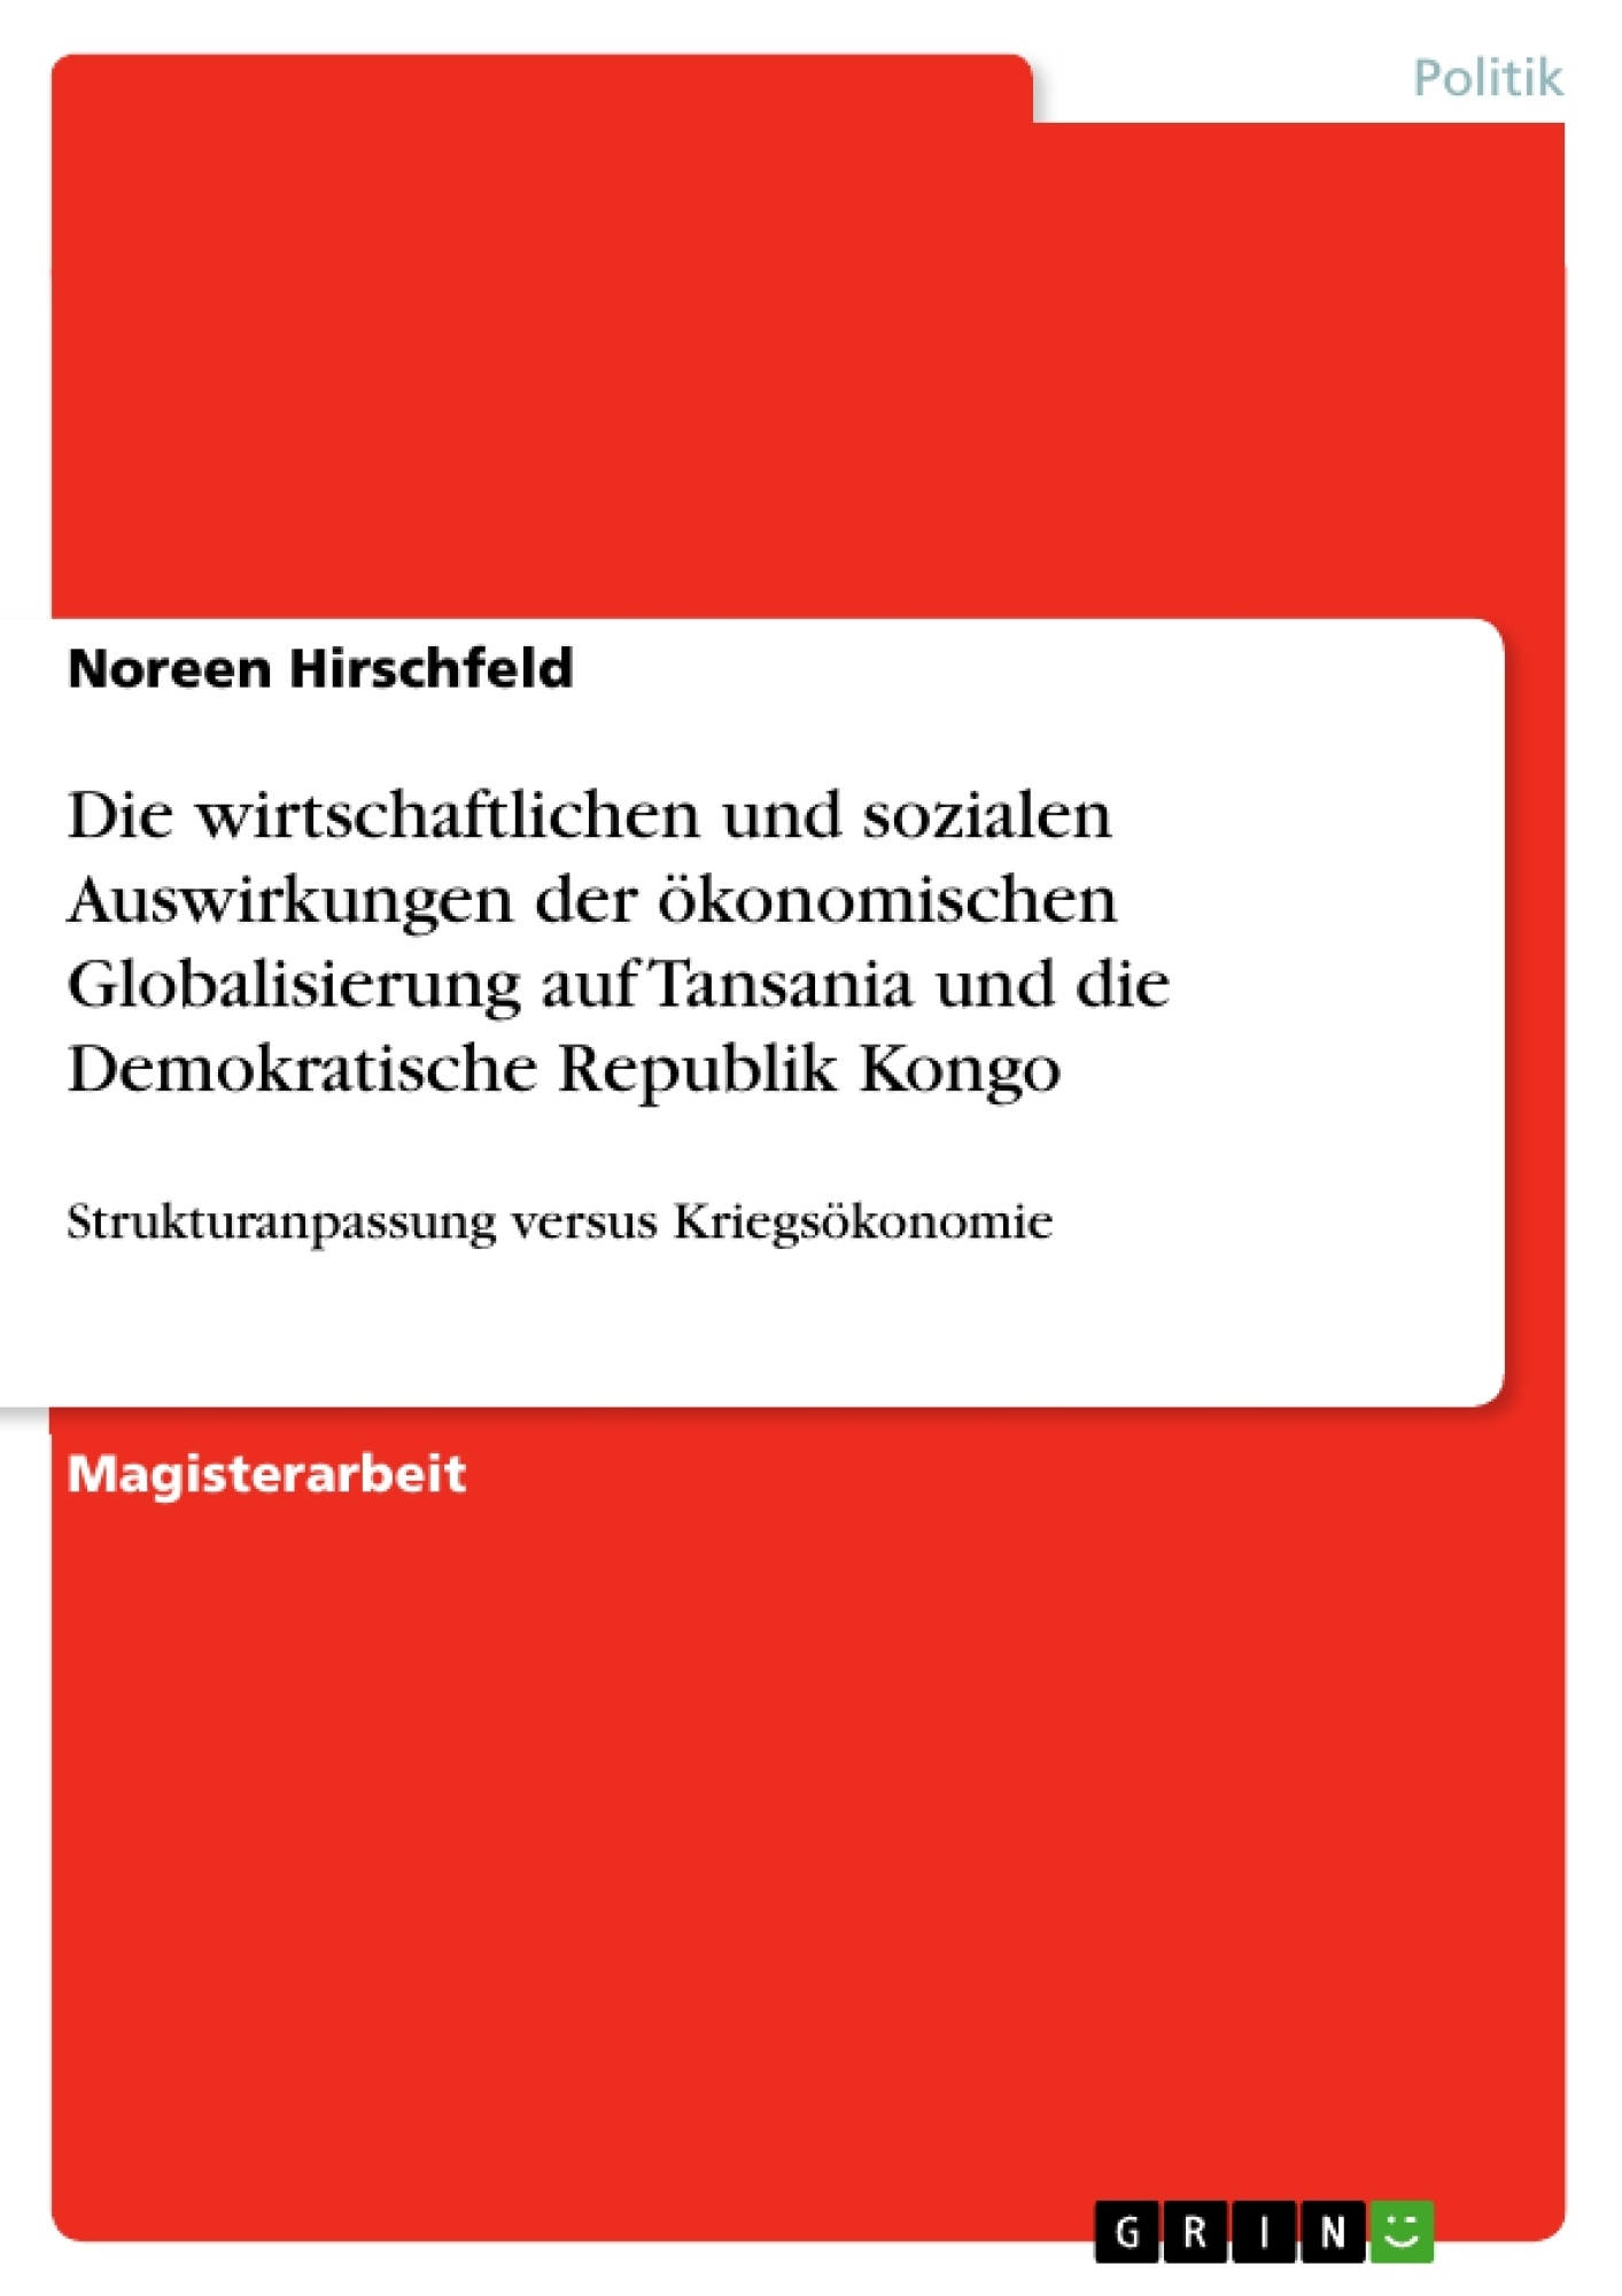 Titel: Die wirtschaftlichen und sozialen Auswirkungen der ökonomischen Globalisierung auf Tansania und die Demokratische Republik Kongo